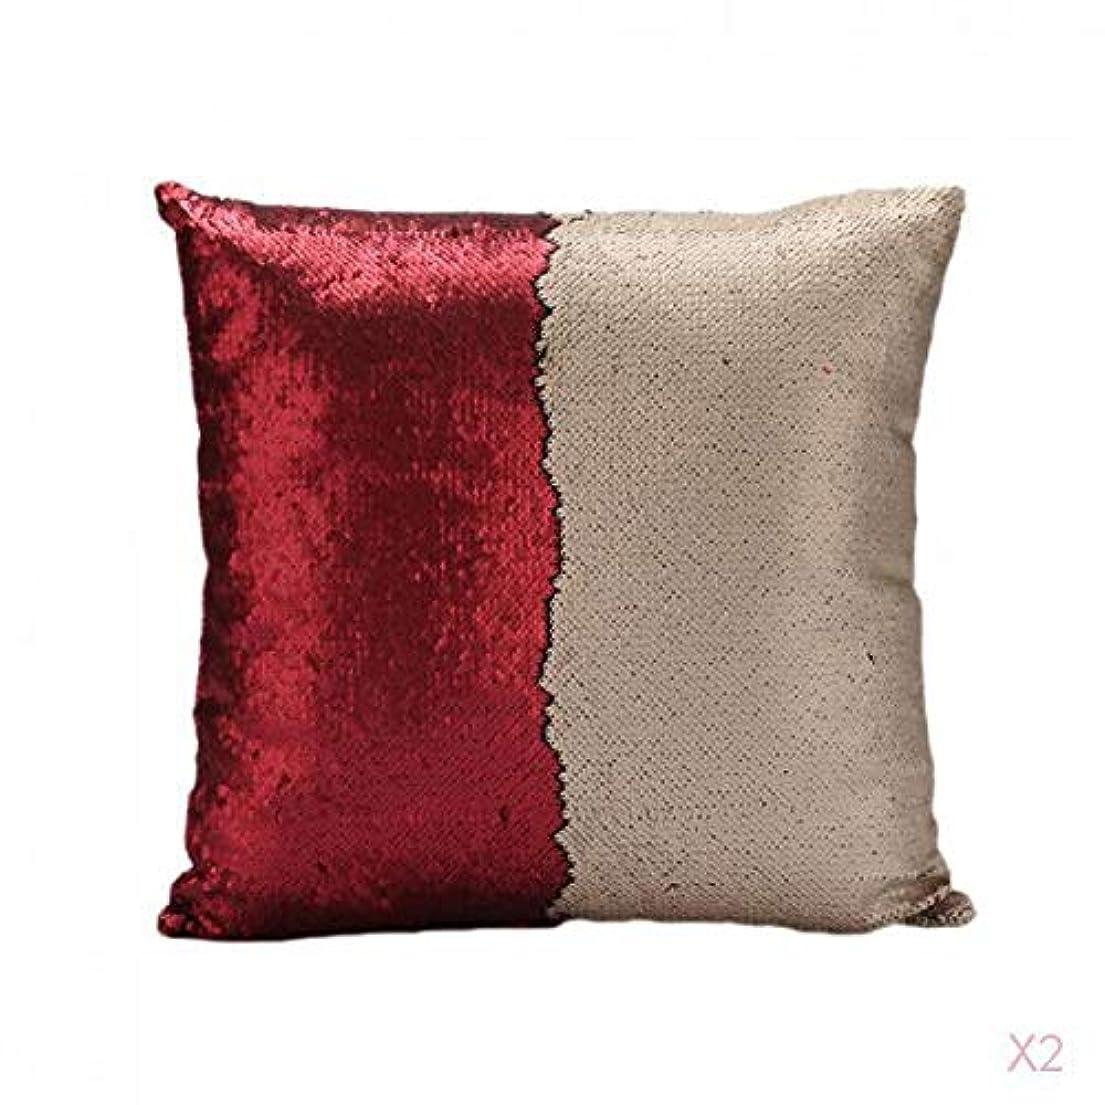 強調するボス延ばす赤可逆スエードスパンコールソファ腰クッションカバーベッドの枕カバースリップ